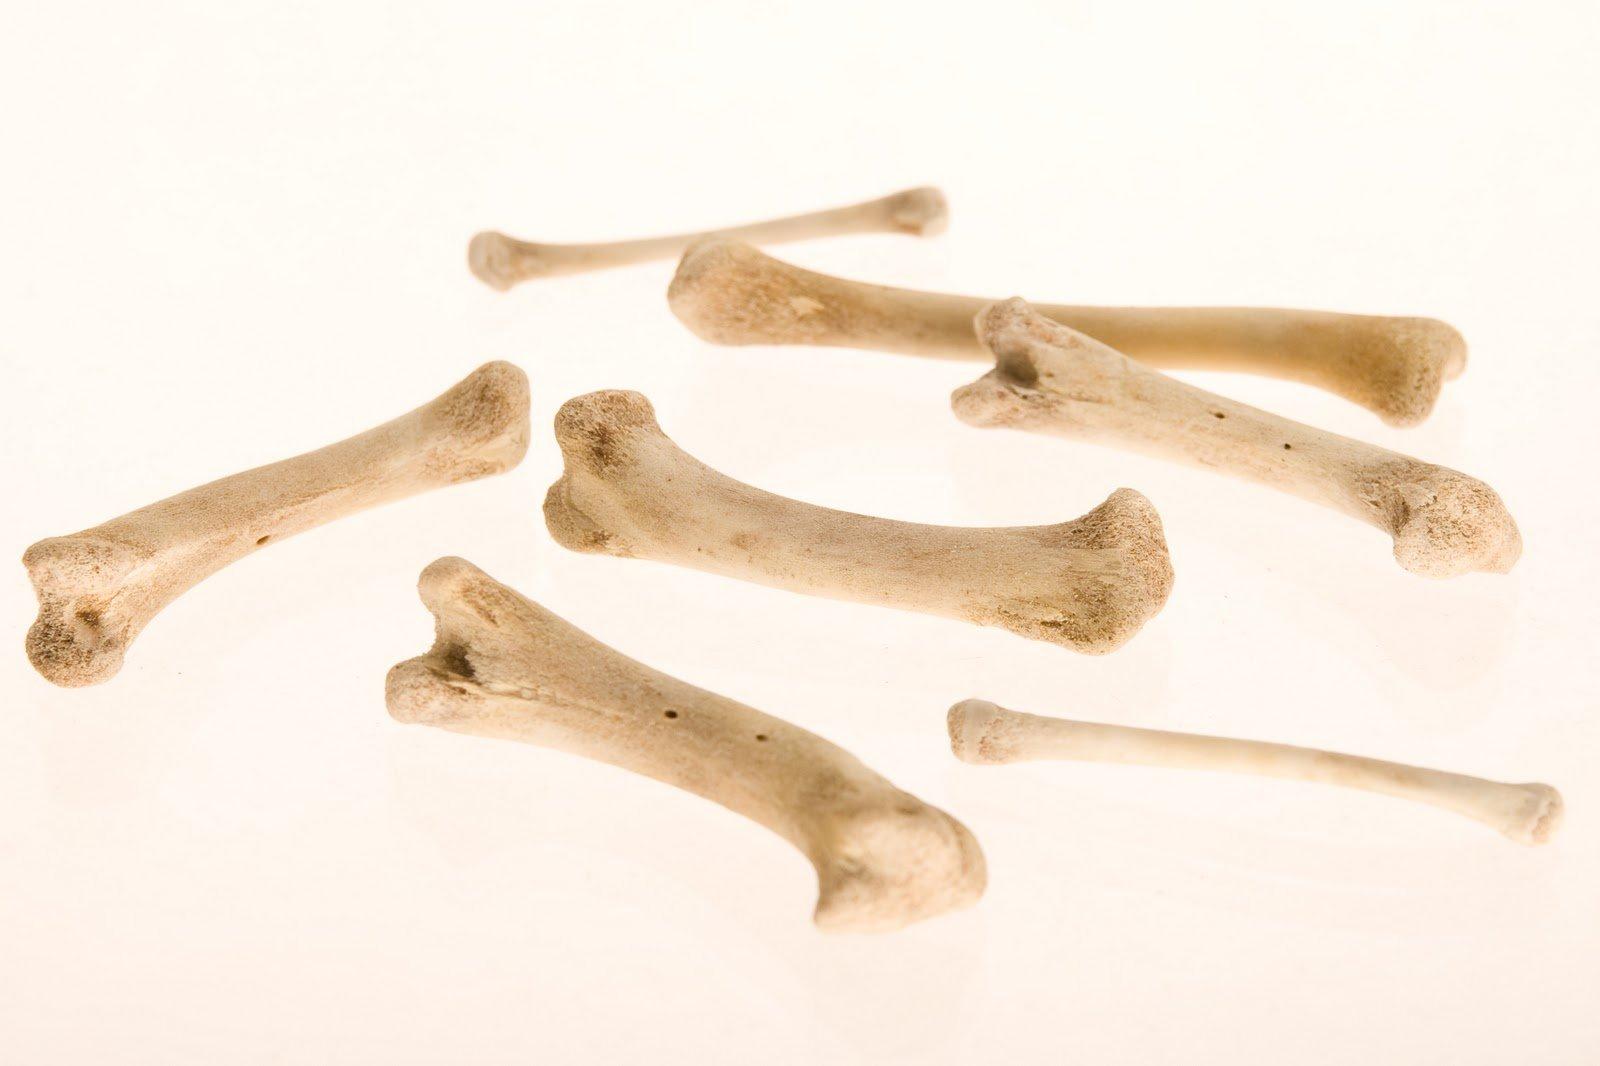 Следователи проводят проверку по факту обнаружения в Канске человеческих костей